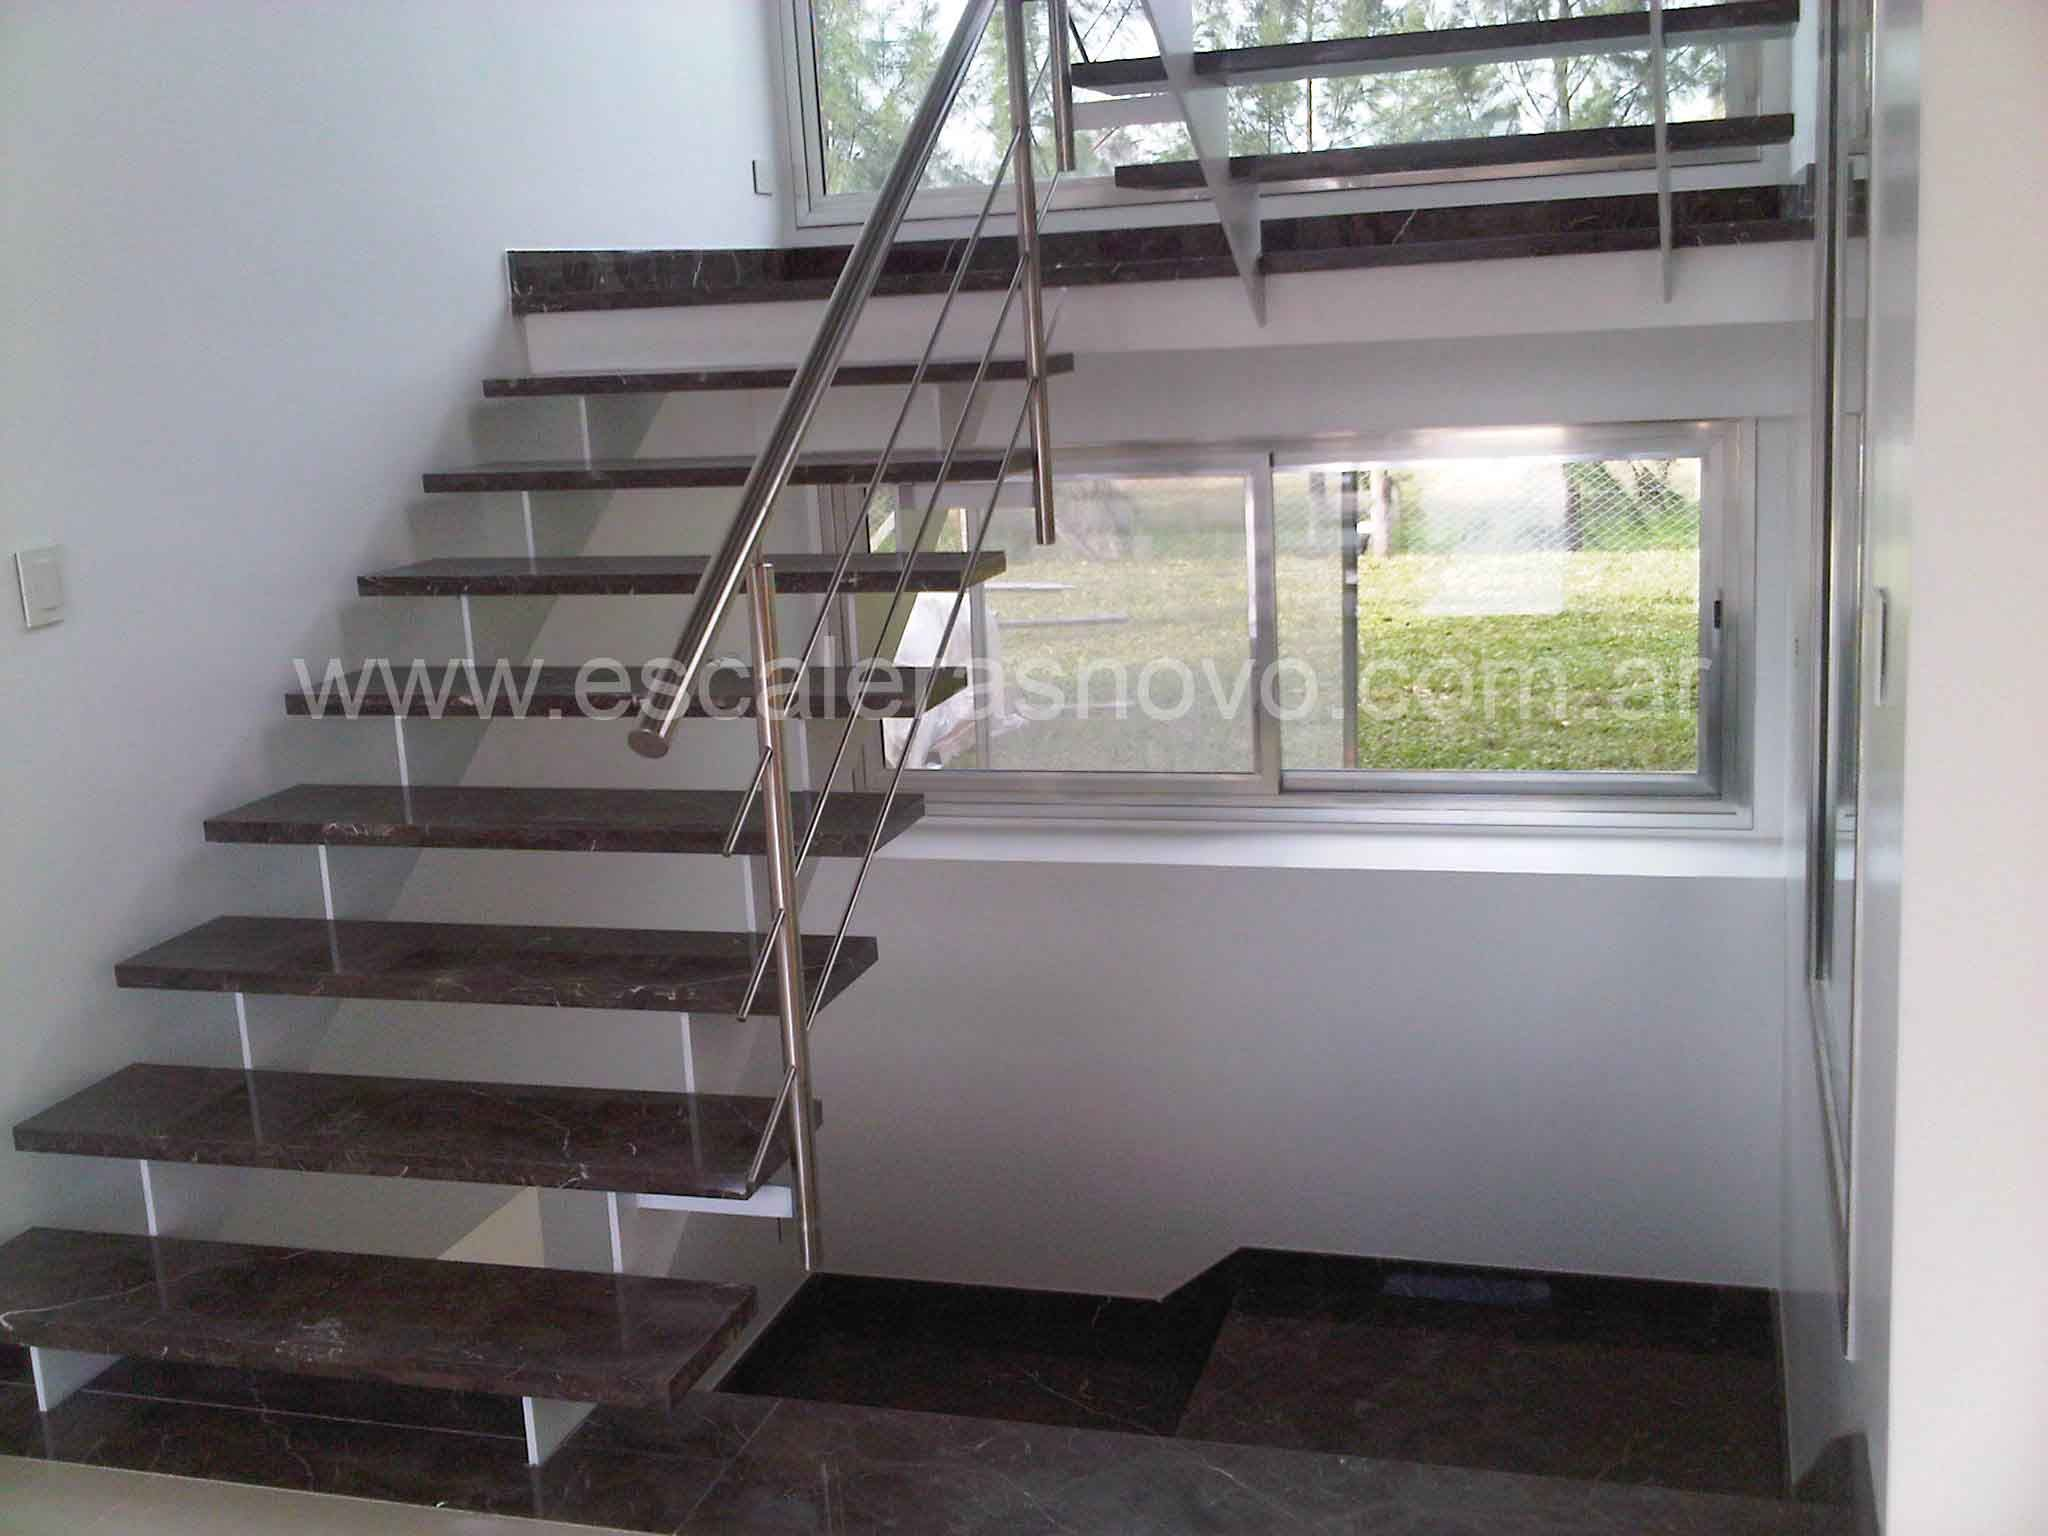 Escalera de marmol con baranda en acero inoxidable - Marmol para escaleras ...